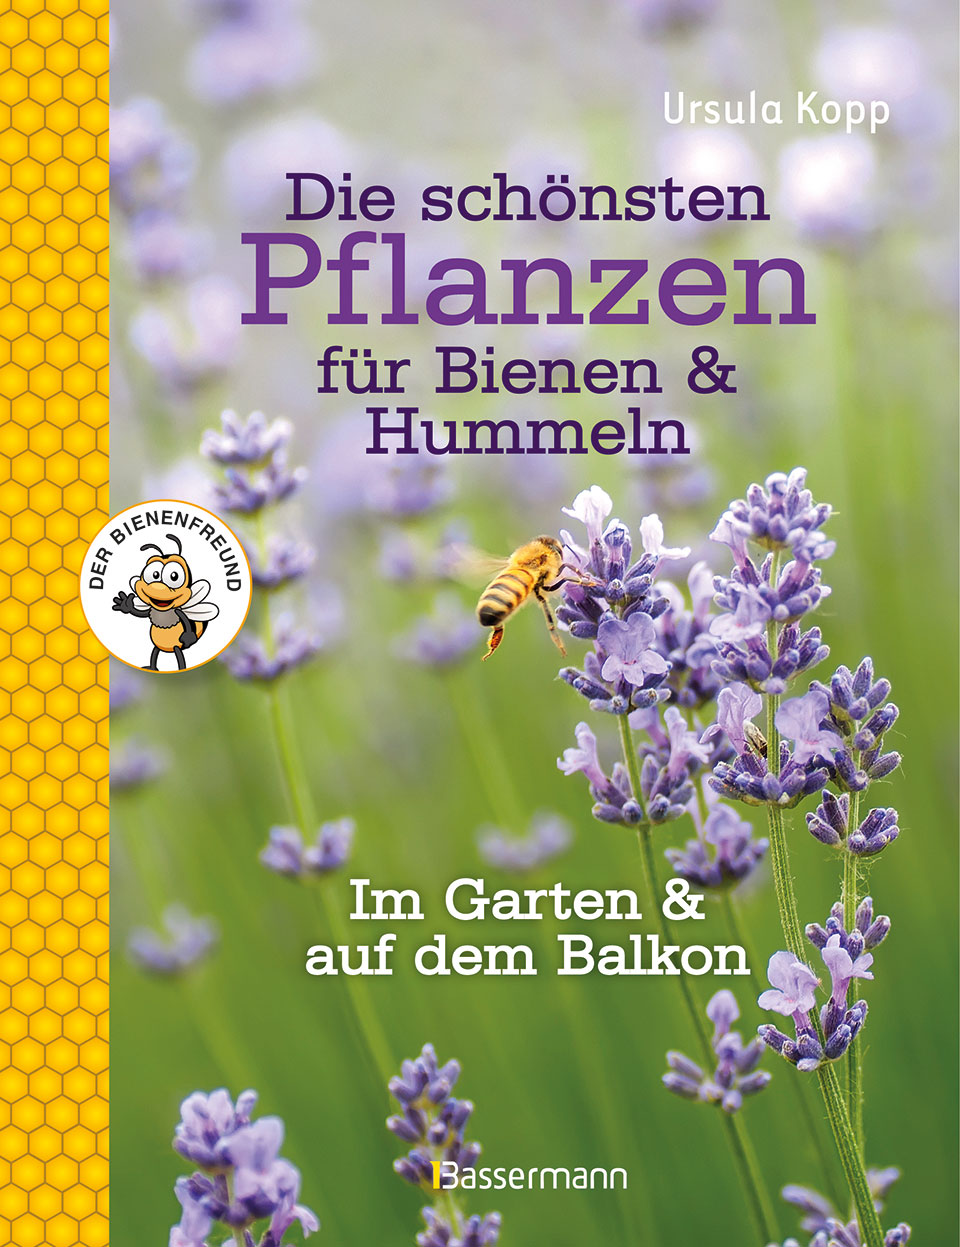 Der Titel des Buches Die schönsten Pflanzen für Bienen und Hummeln von Ursula Kopp zeigt blühenden Lavendel im Kontrast zu dem kräftigen Grün der umliegenden Wiese.